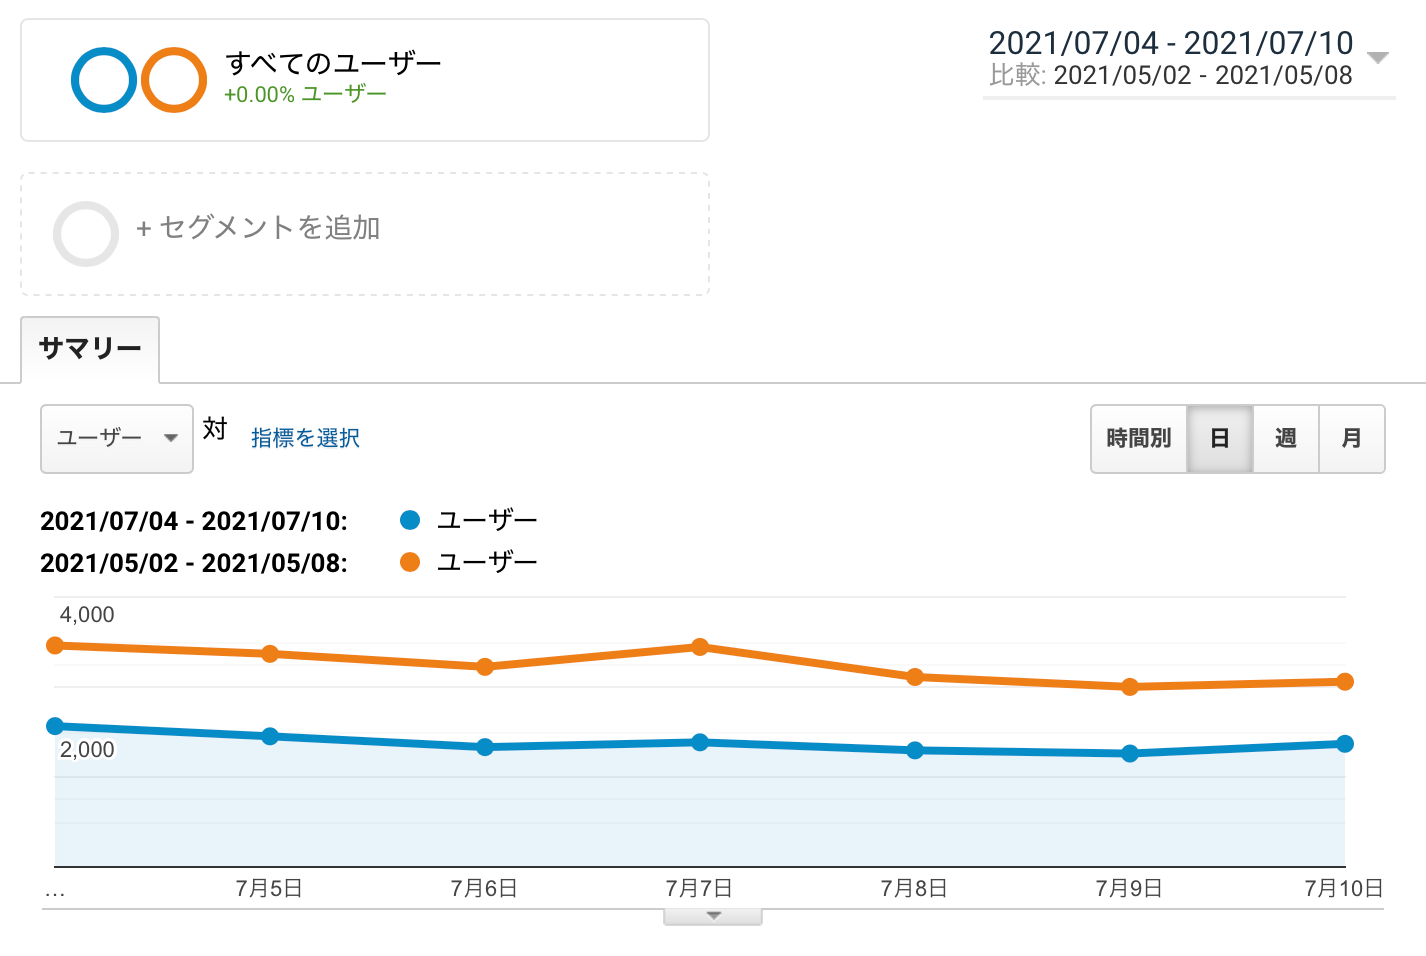 2021/07/04-2021/07/10と2021/05/02-2021/05/08のユーザー数比較